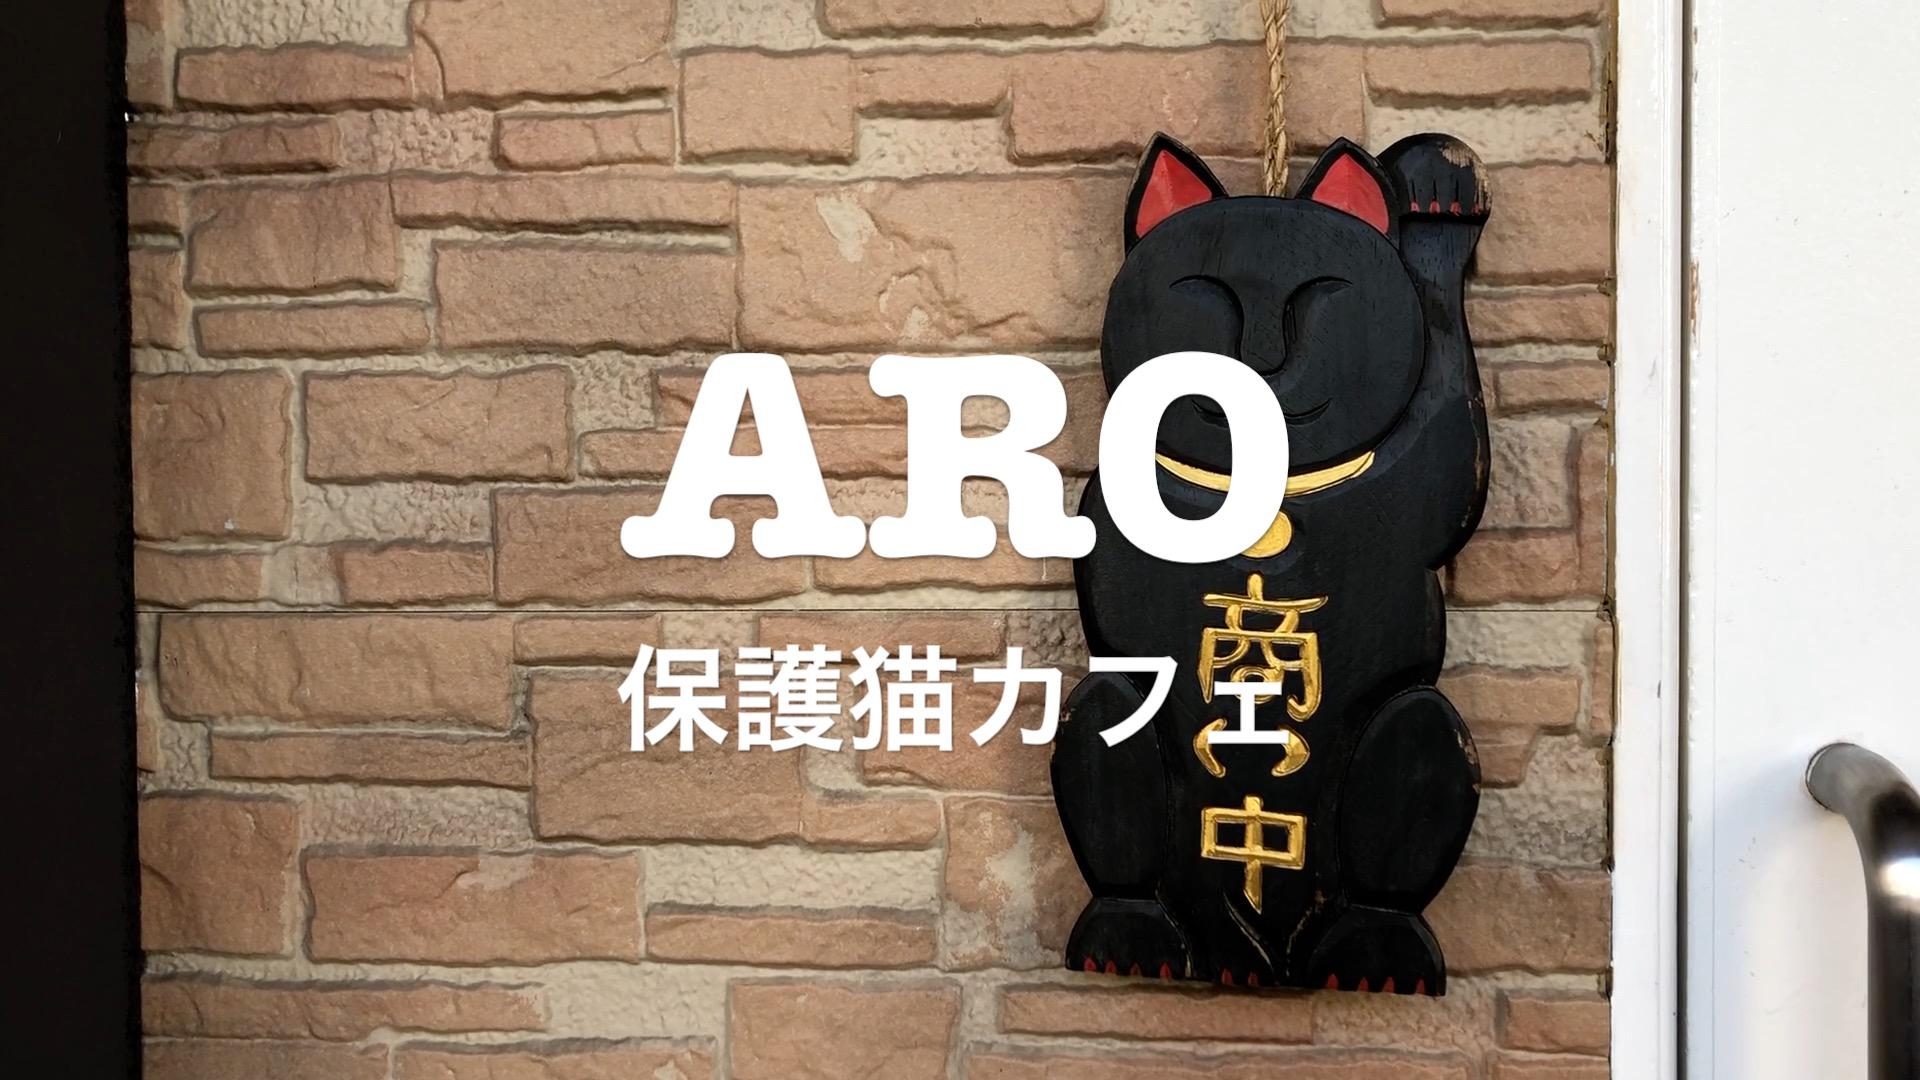 保護猫カフェARO ×りずむチャンネル